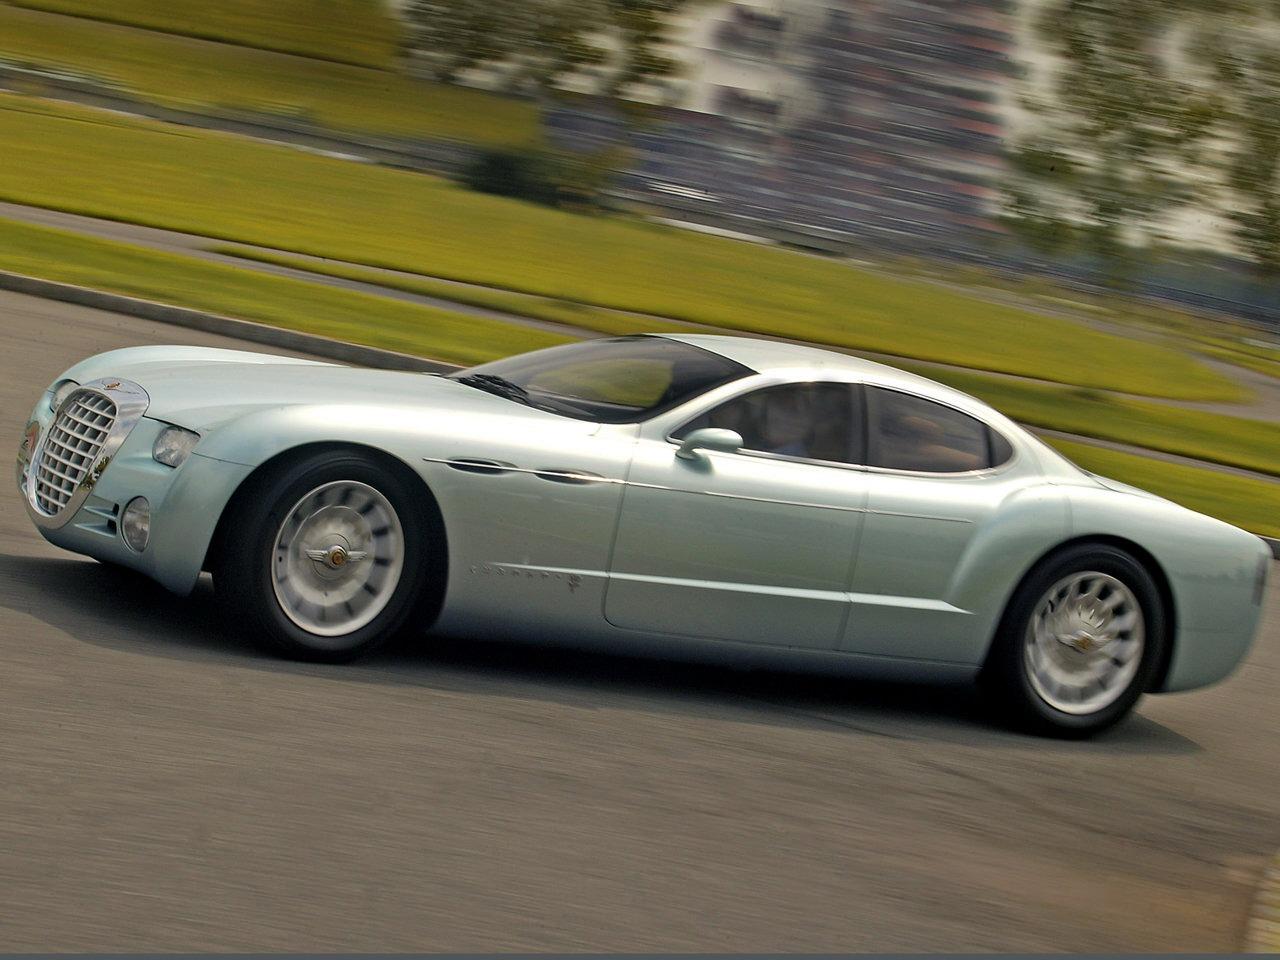 Chrysler Chronos Concept 1998 Old Concept Cars